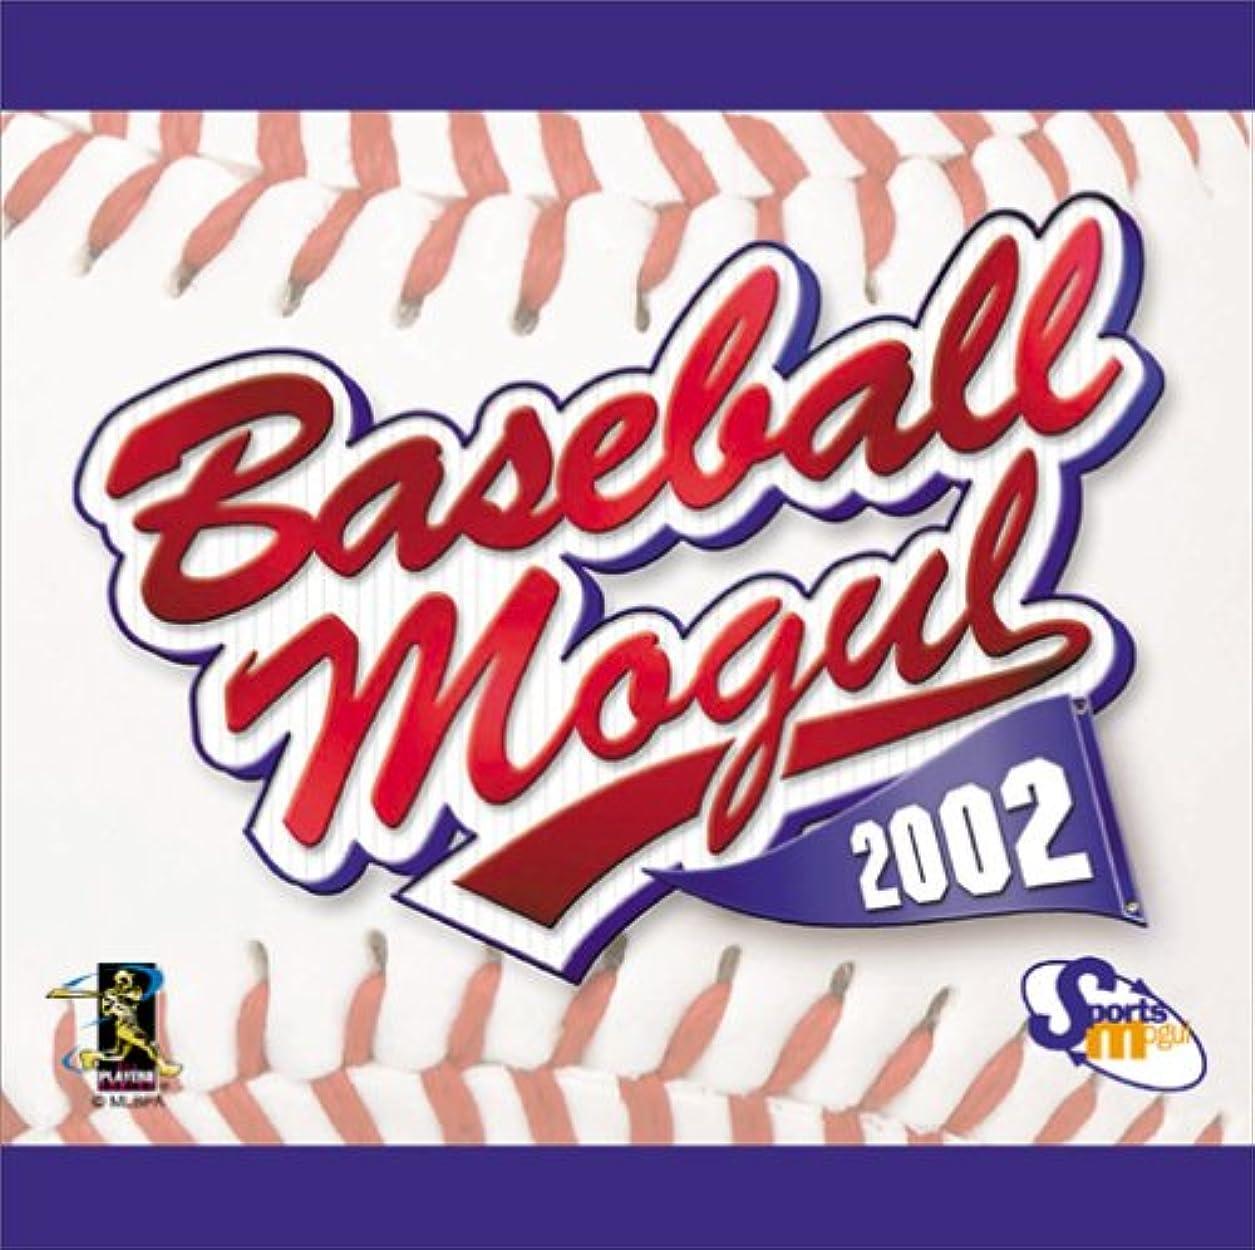 スポーツマンうめき買い物に行くBaseball Mogul 2002 (輸入版)